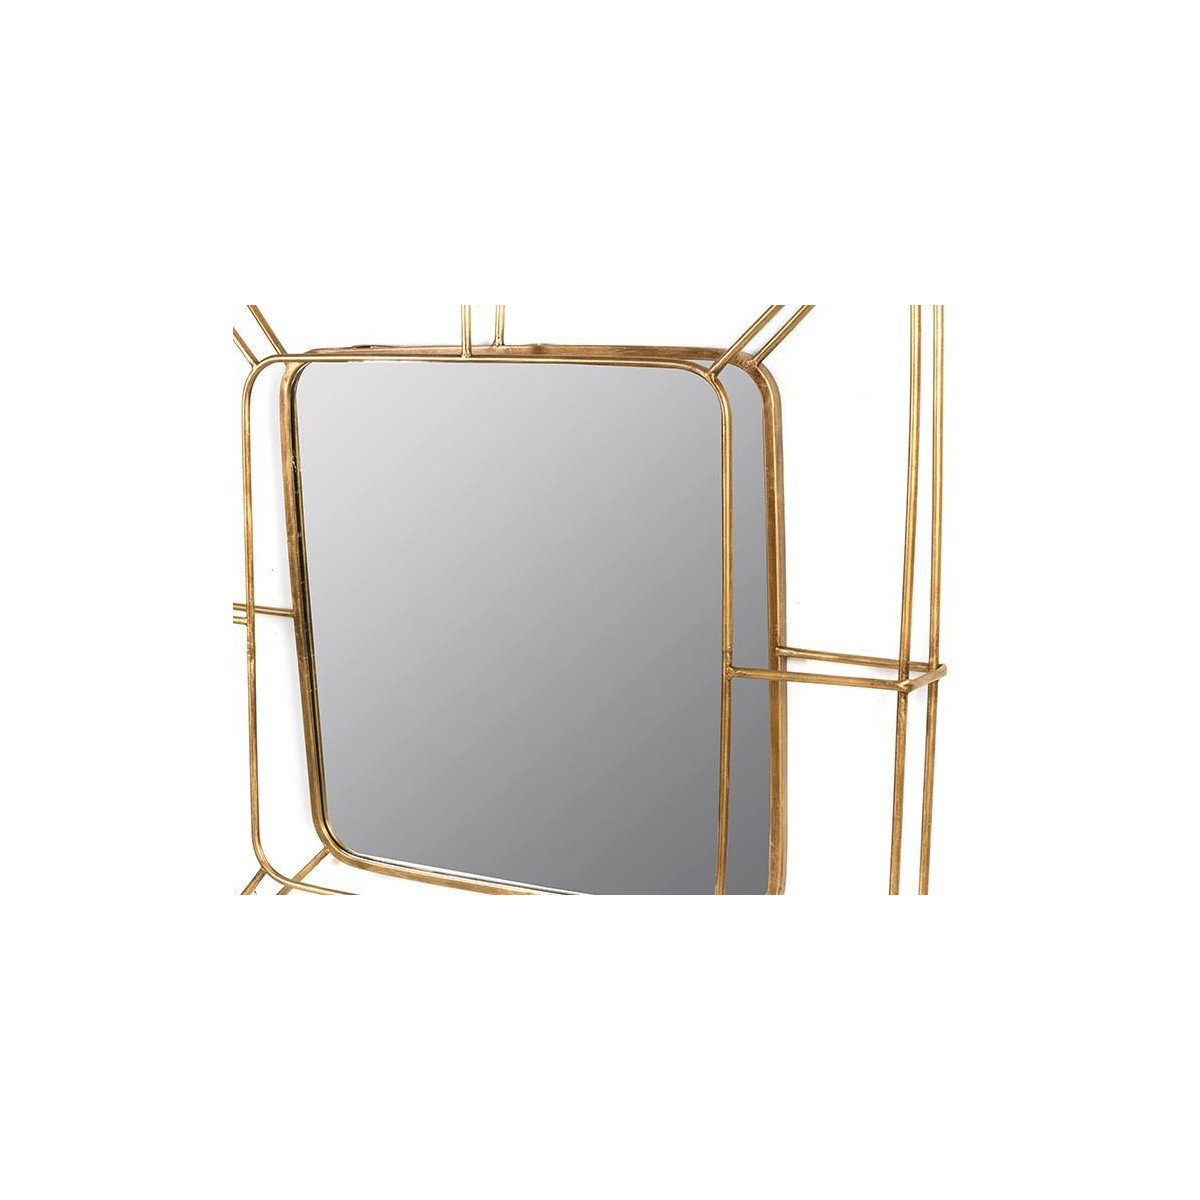 Espejo moderno dorado de santiago pons dry gold for Santiago pons decoracion